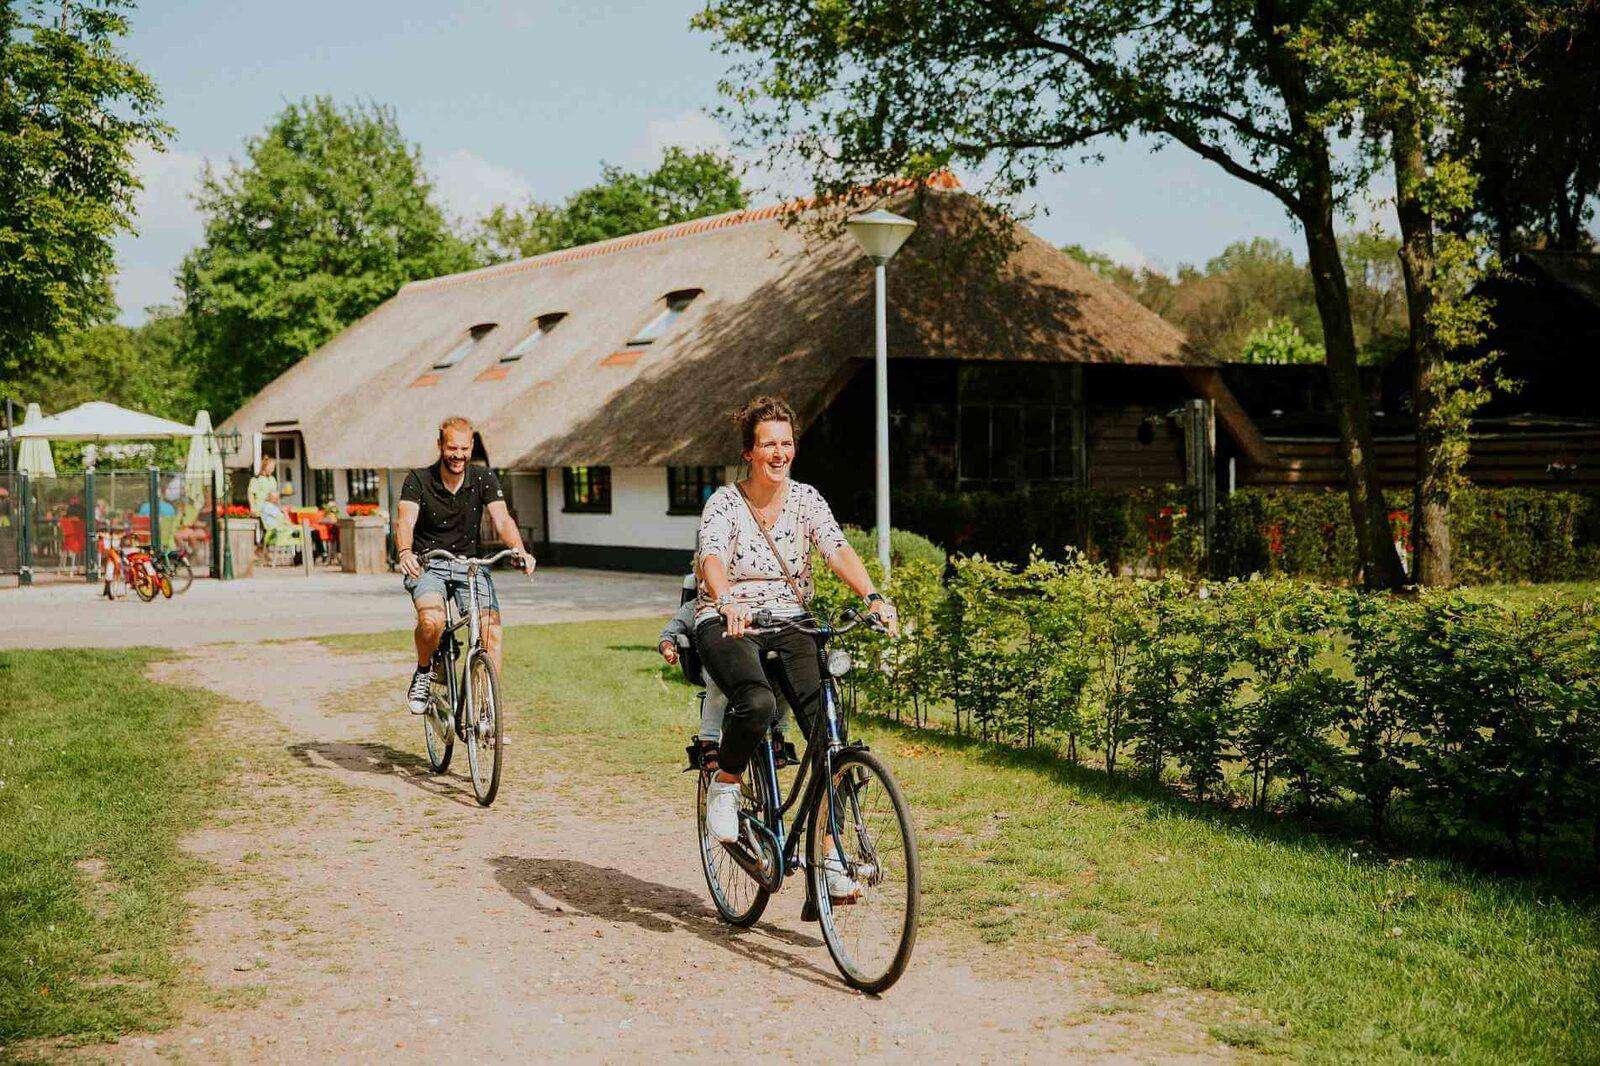 Junimaand in Overijssel